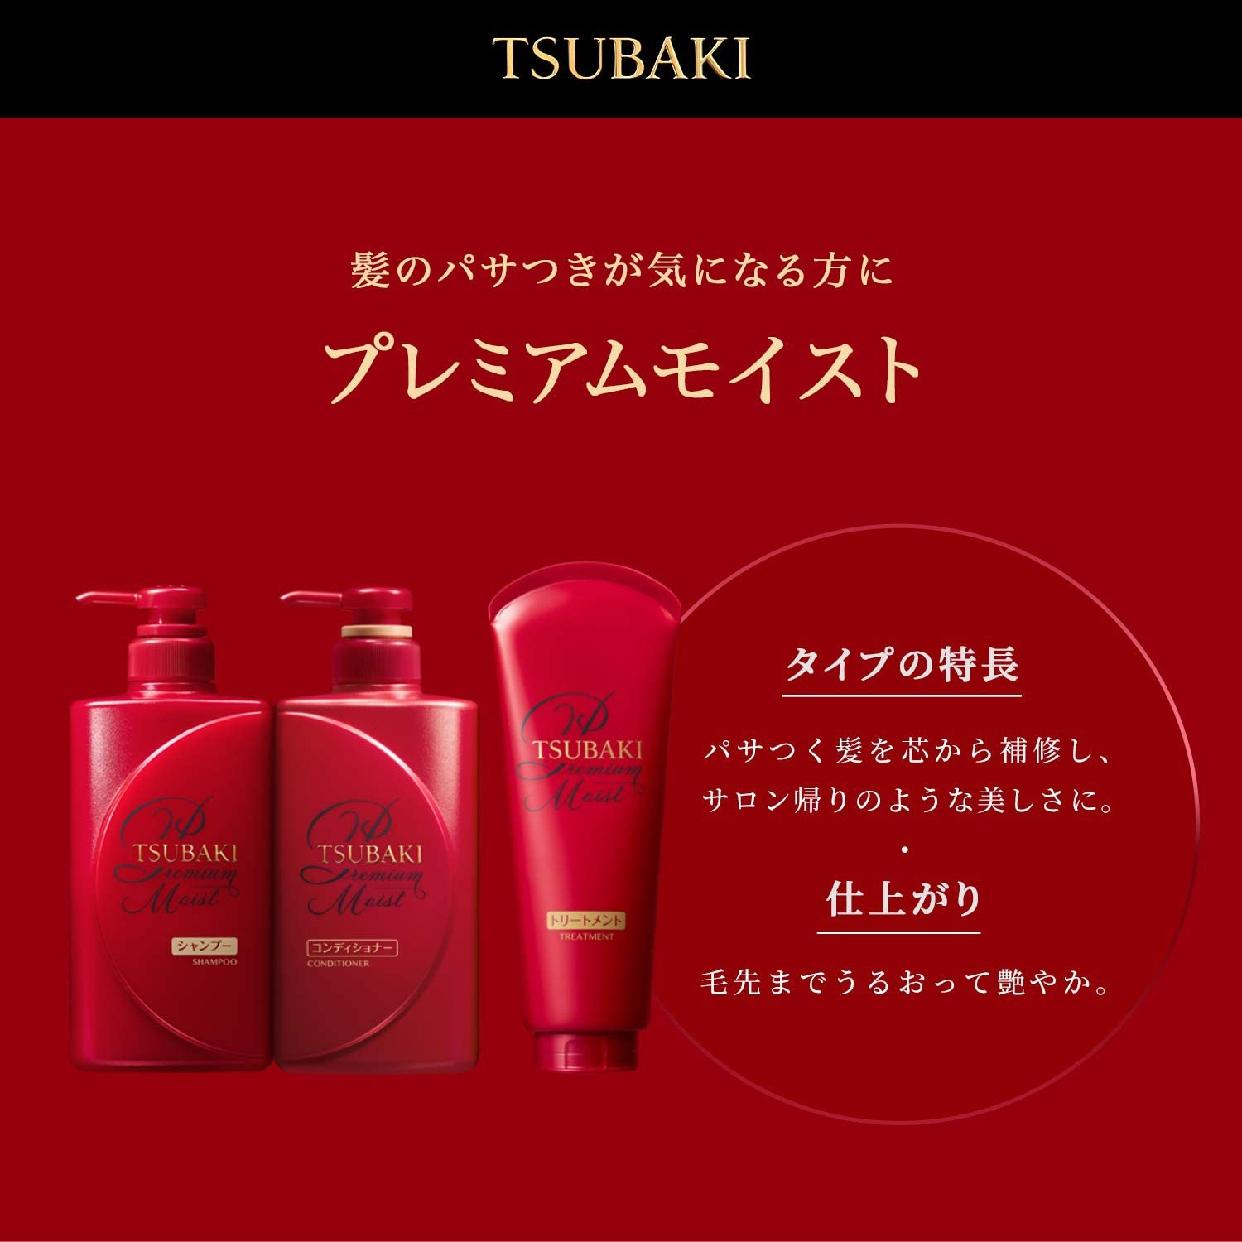 TSUBAKI(ツバキ) プレミアムモイストシャンプーの商品画像7